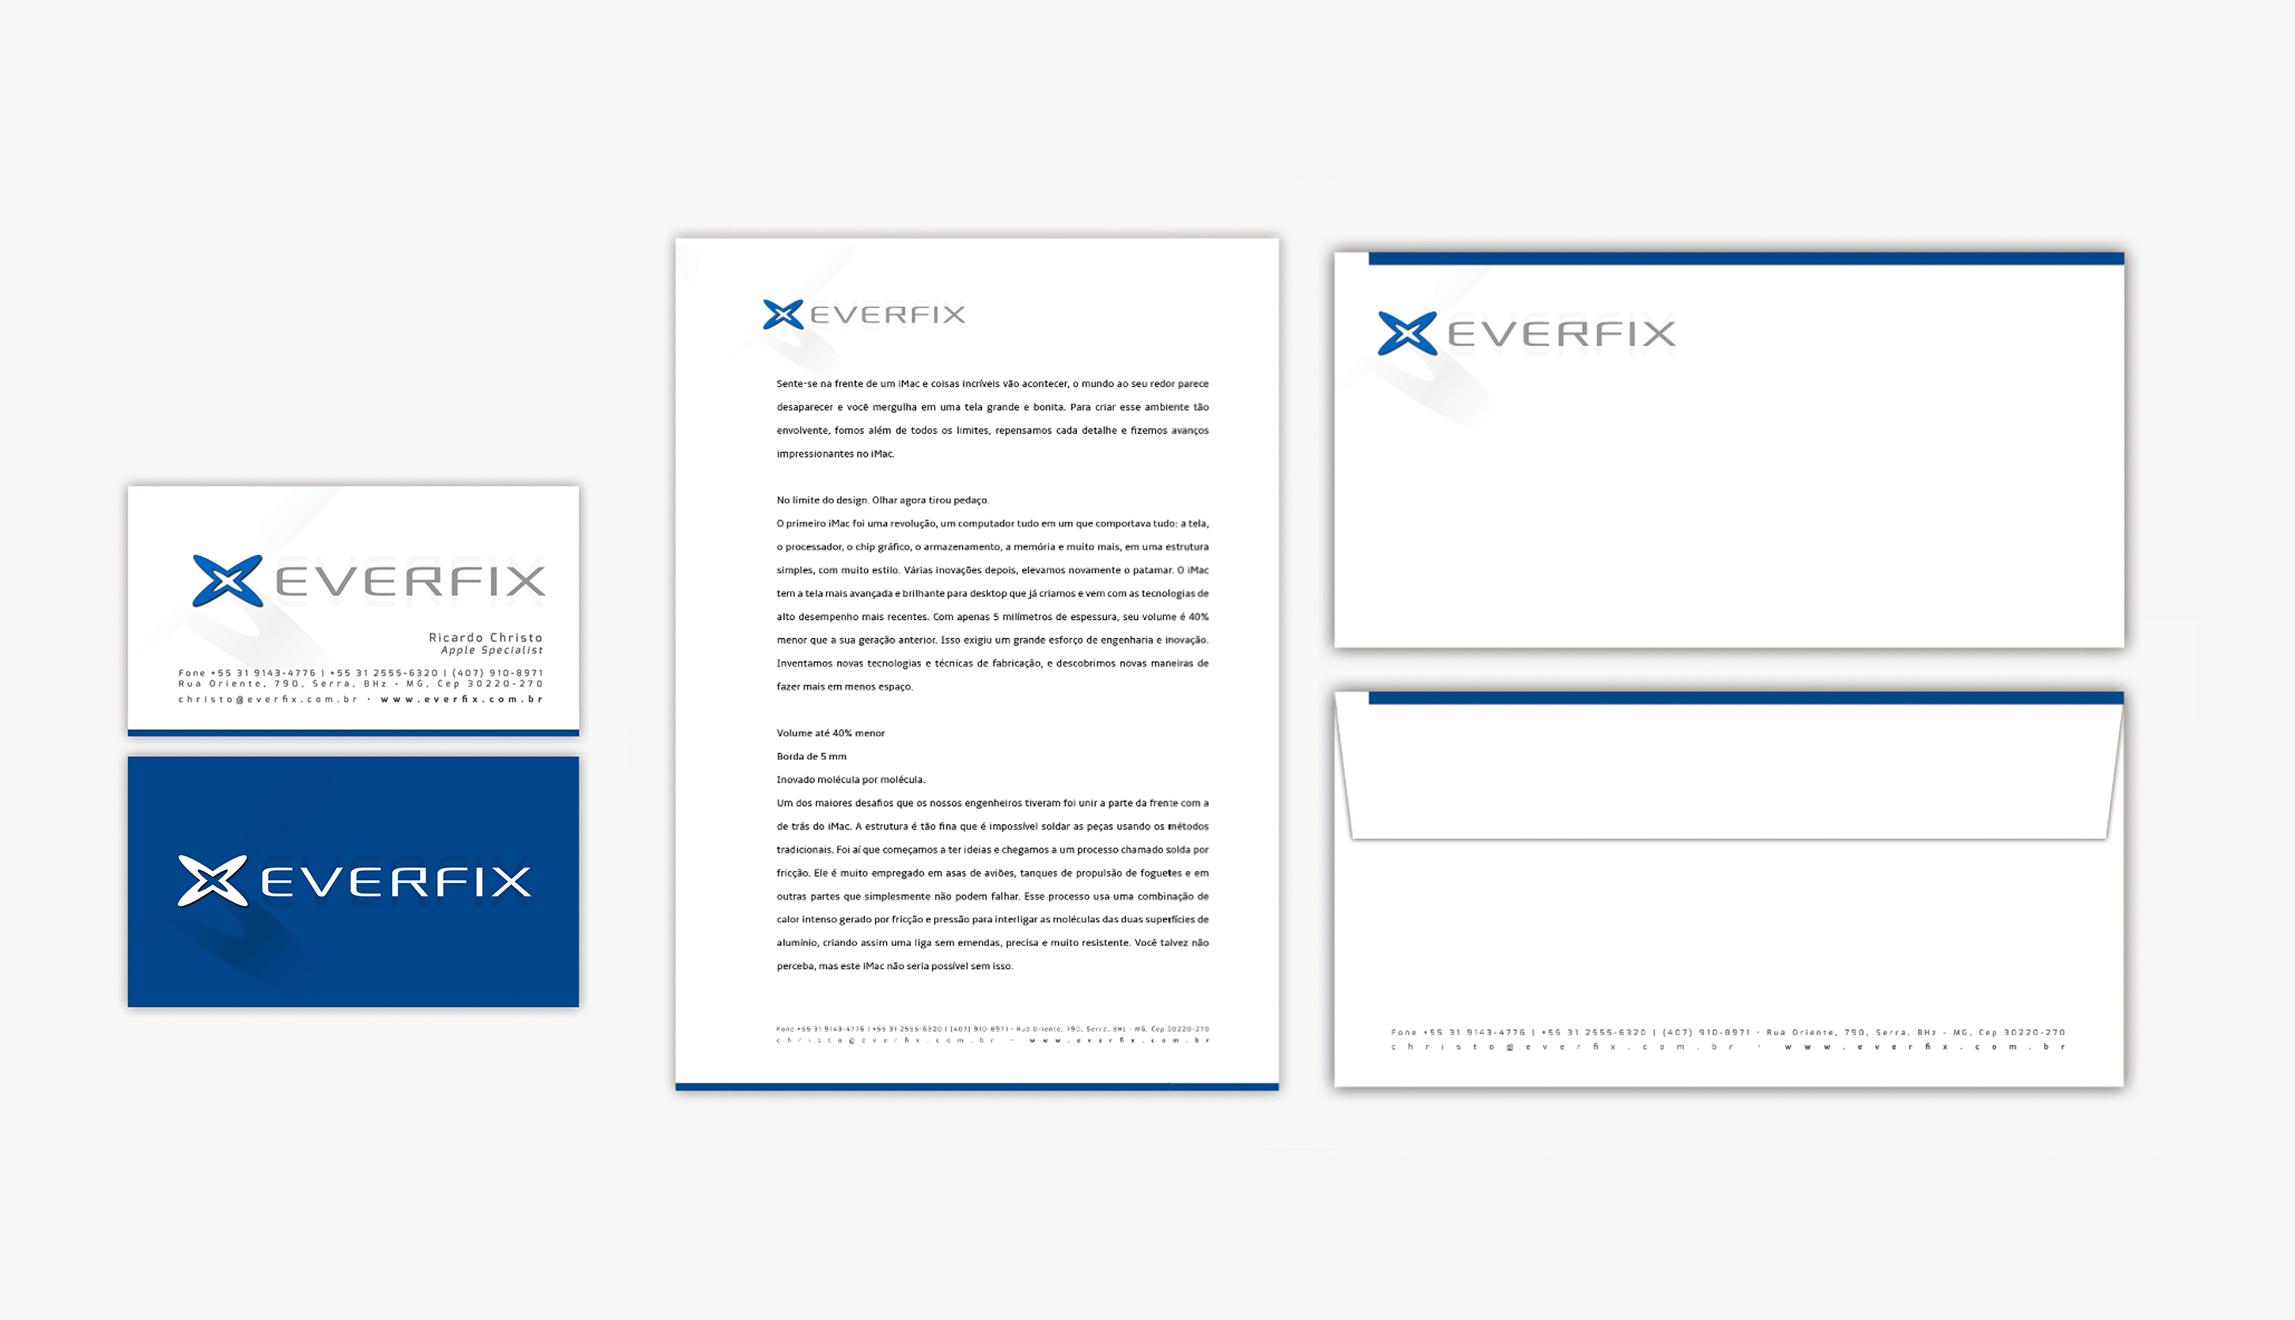 Everfix-6